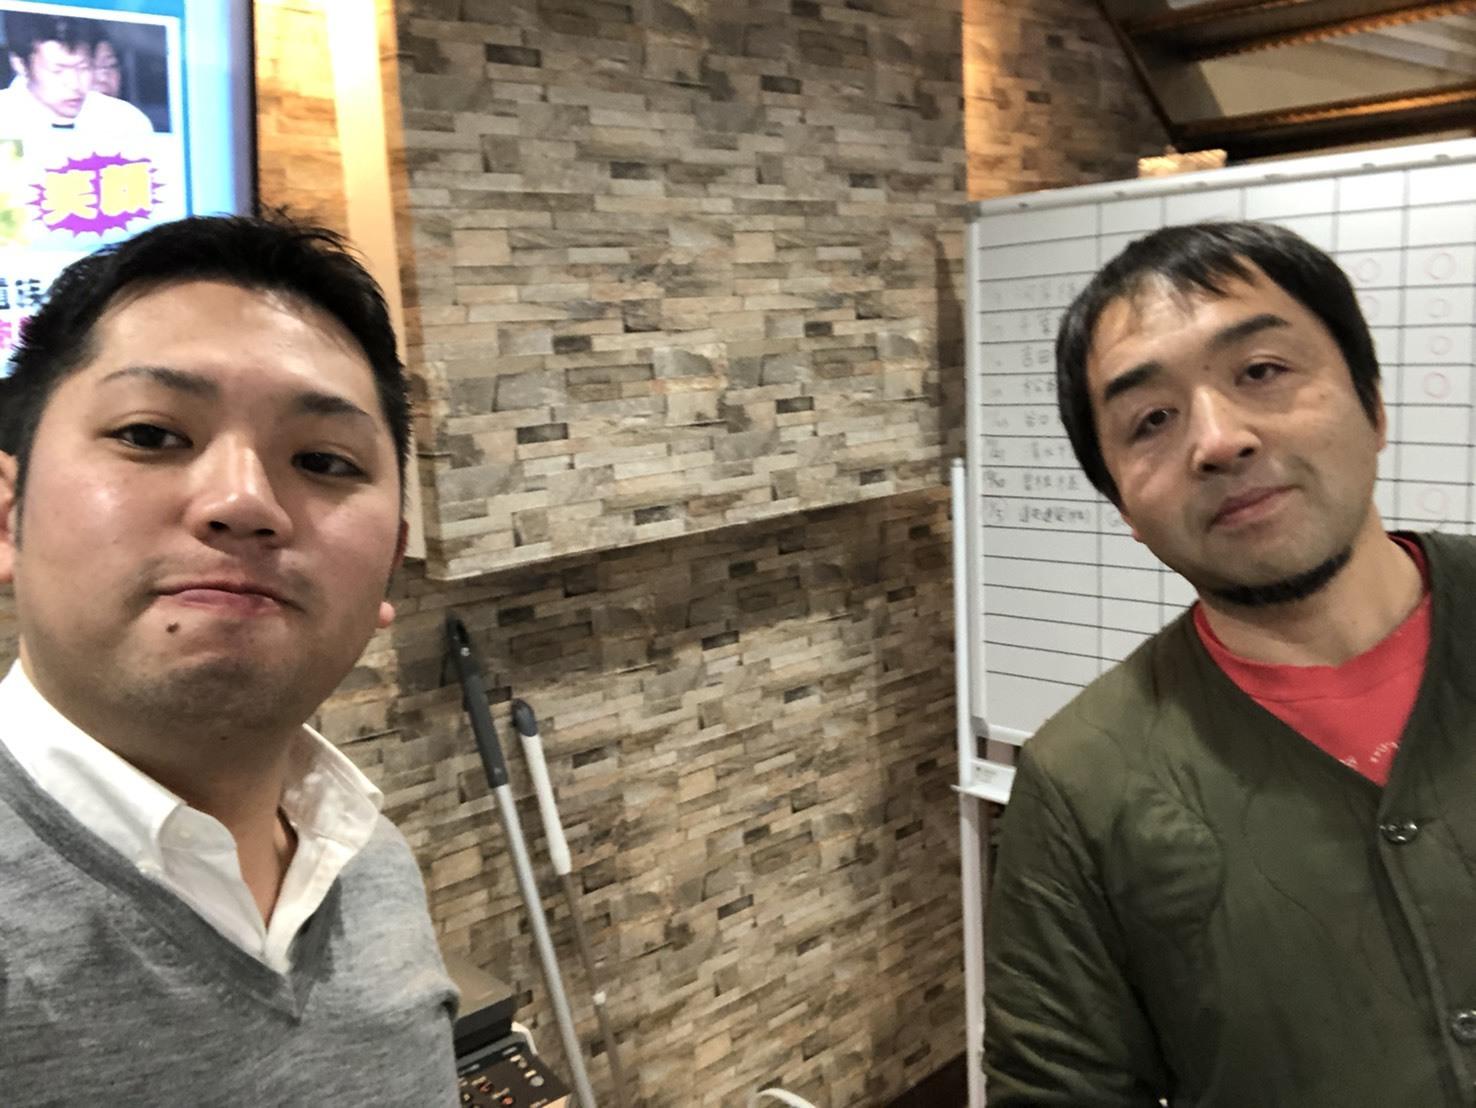 12月6日(金)トミーベースブログ☆カスタムカー☆レクサス♬スバル🎶フーガ♬クラウン🎶フォレスター☆レガシィ♬ローンサポート♬自社ローン_b0127002_15115691.jpg